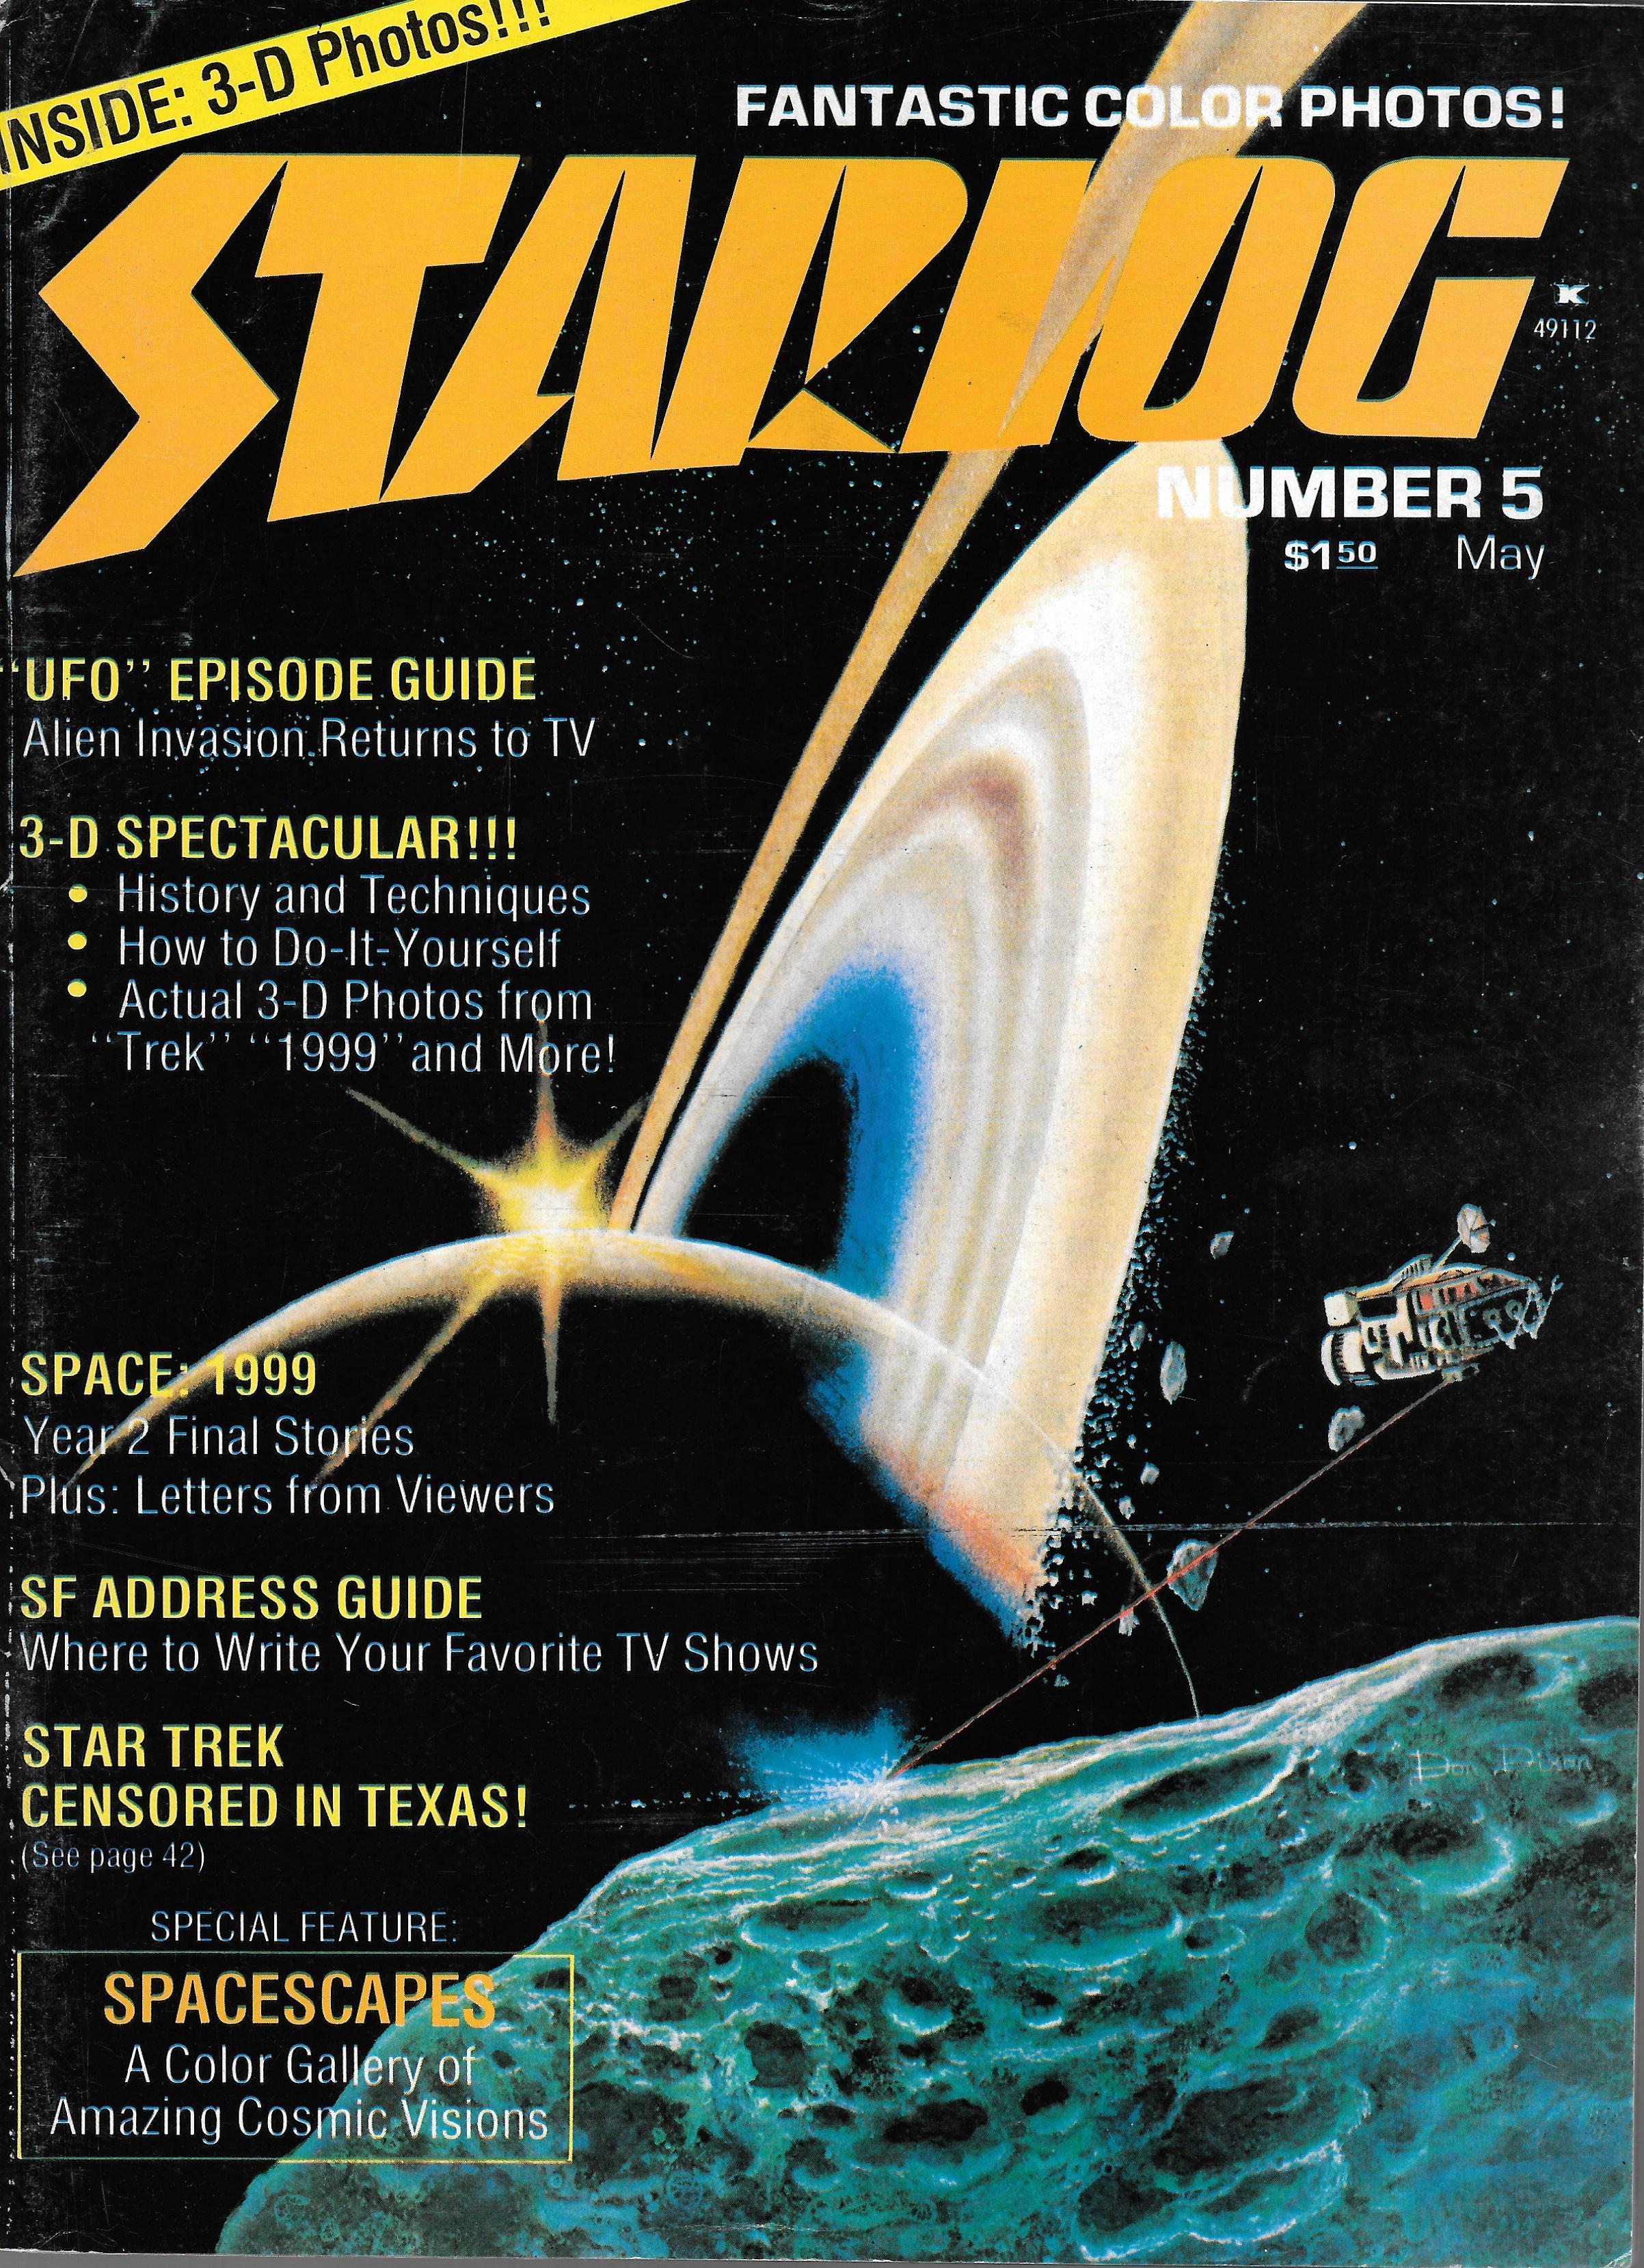 STARLOG US MAGAZINE NO 5 MAY 1977